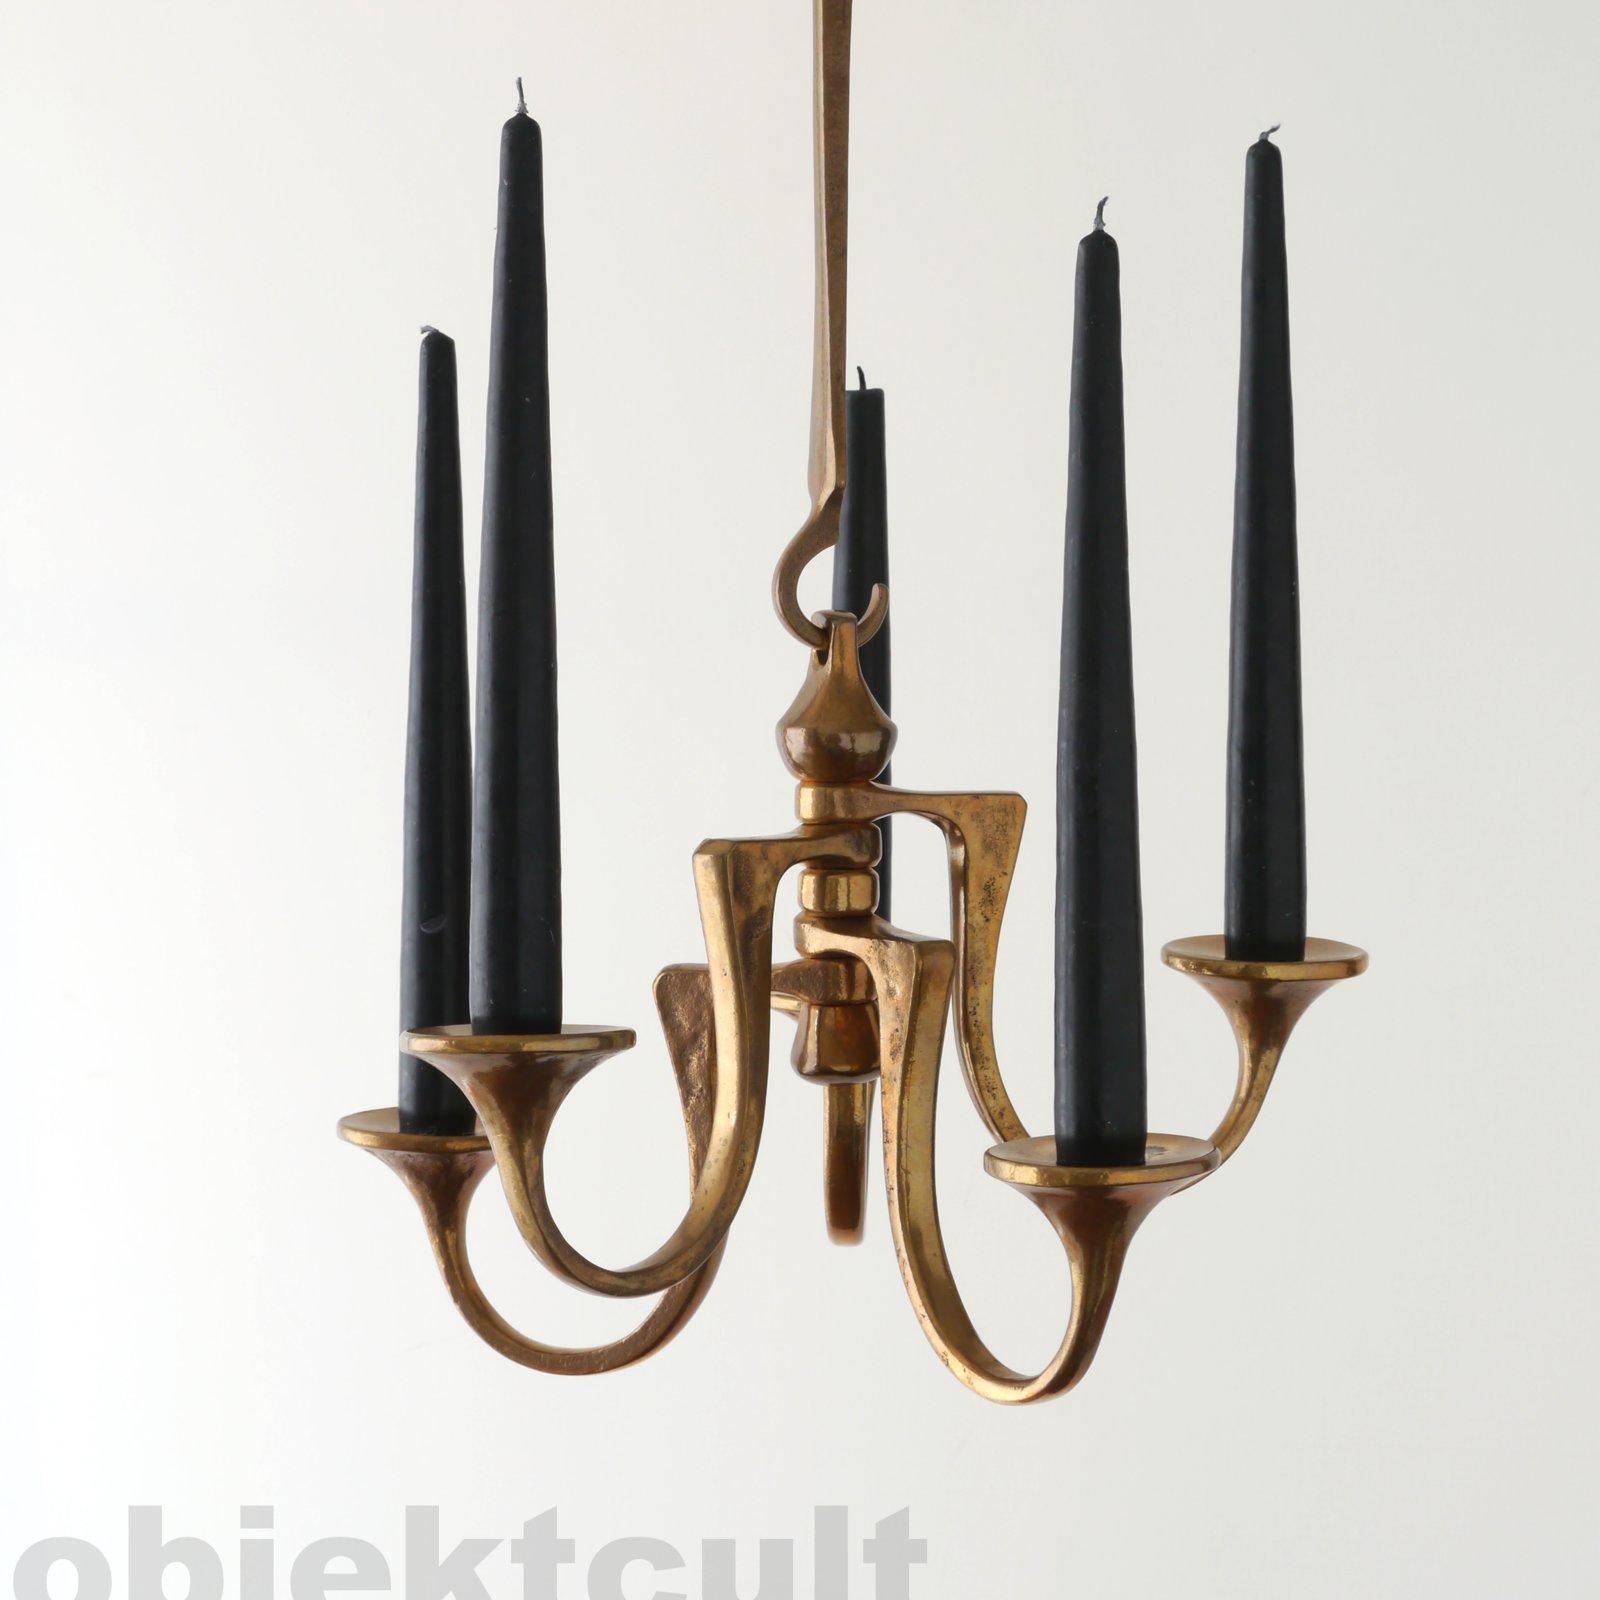 harjes bronze 5 flam kronleuchter h ngeleuchter chandelier pendant candle holder ebay. Black Bedroom Furniture Sets. Home Design Ideas